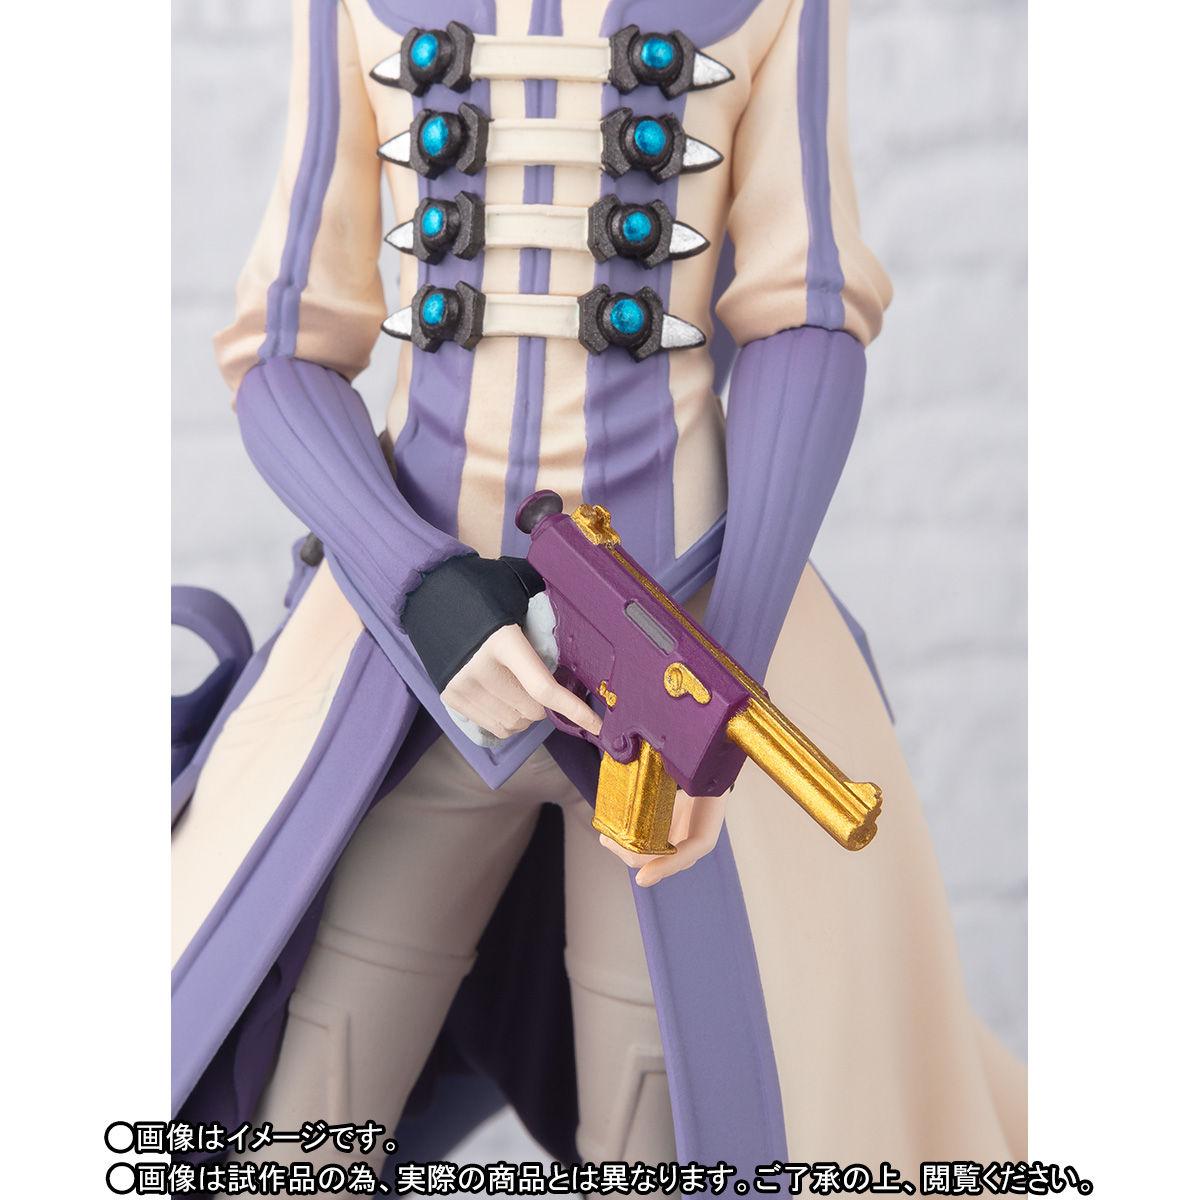 フィギュアーツZERO『キリル・ヴルーベリ』DOUBLE DECKER! ダグ&キリル 完成品フィギュア-007